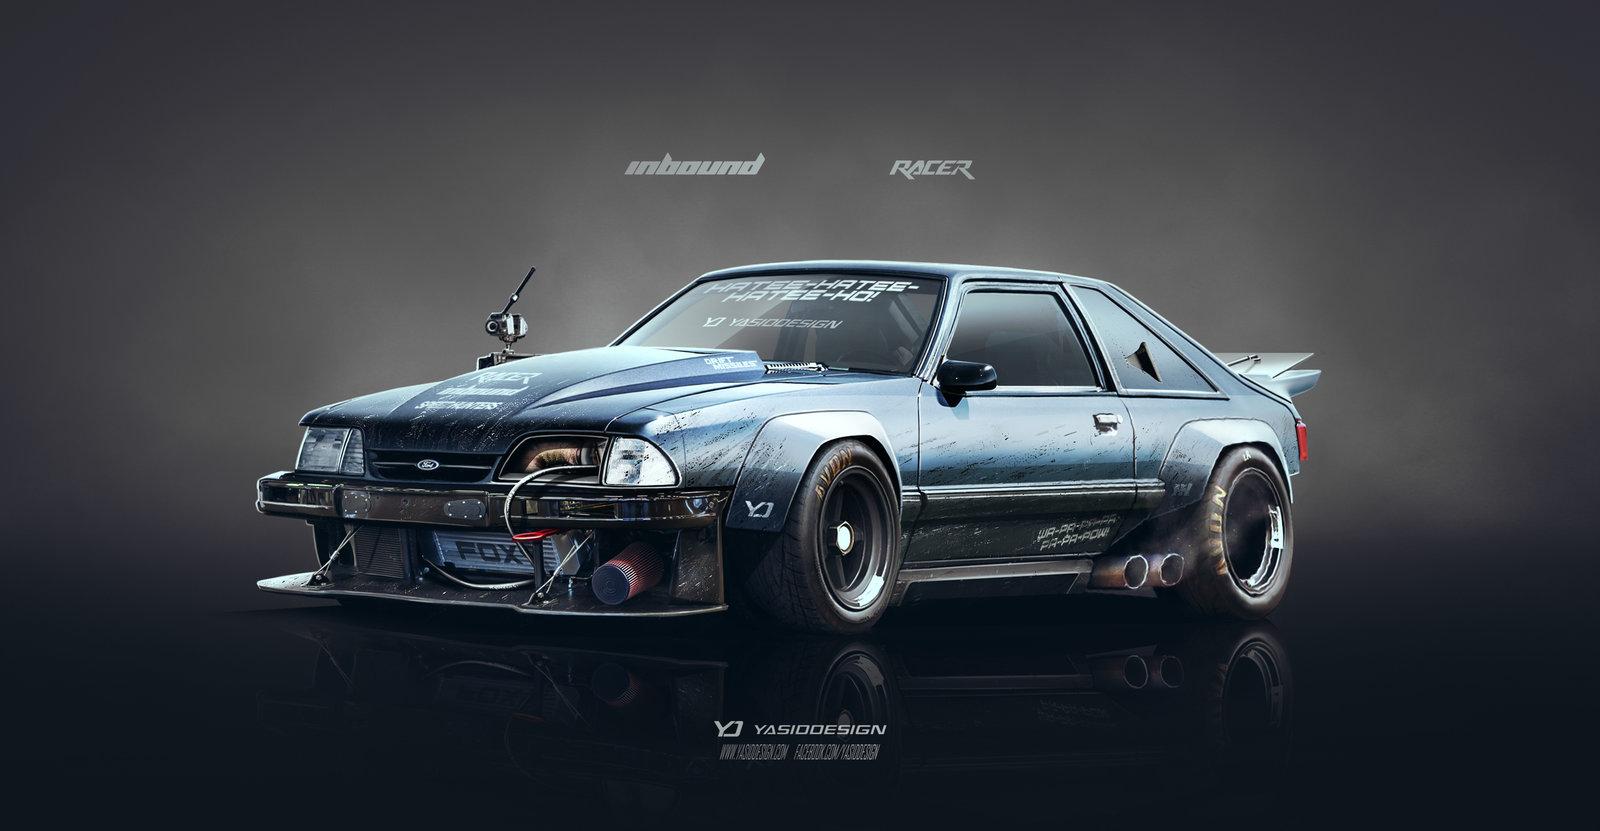 Foxy Mustang - Inbound racer